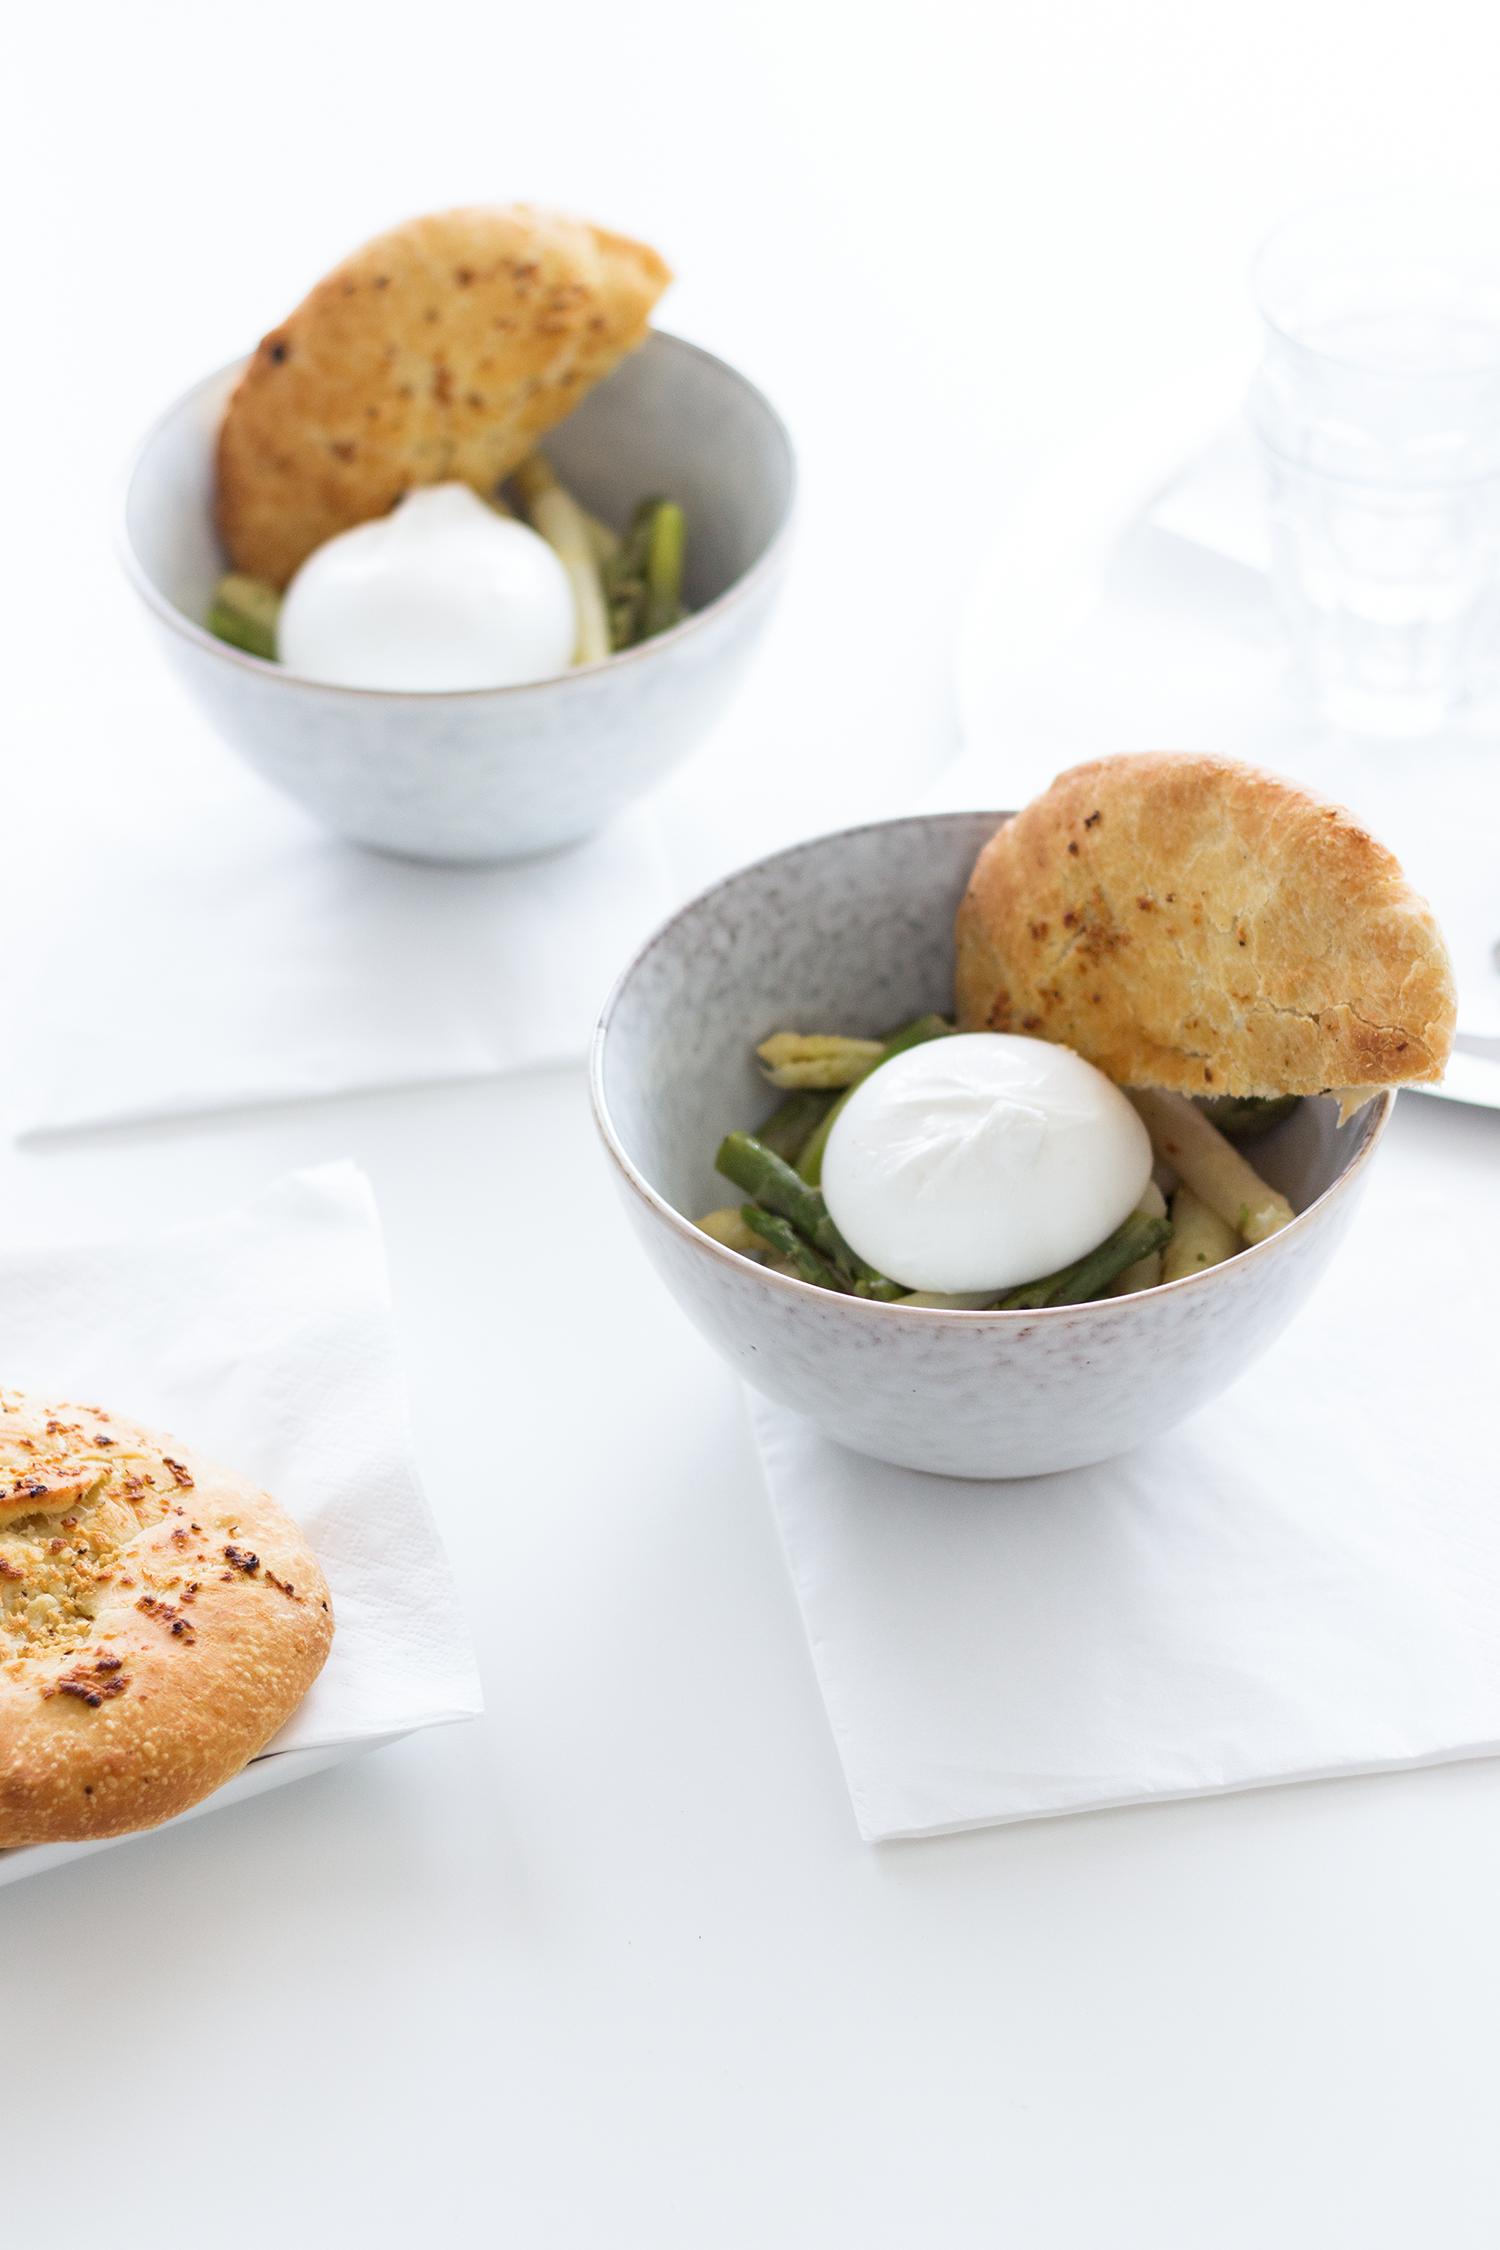 Perfekt für die Spargel-Saison: Ein Rezept für einen lauwarmen Spargelsalat mit Burrata und selbstgemachtem Knoblauch-Fladenbrot.